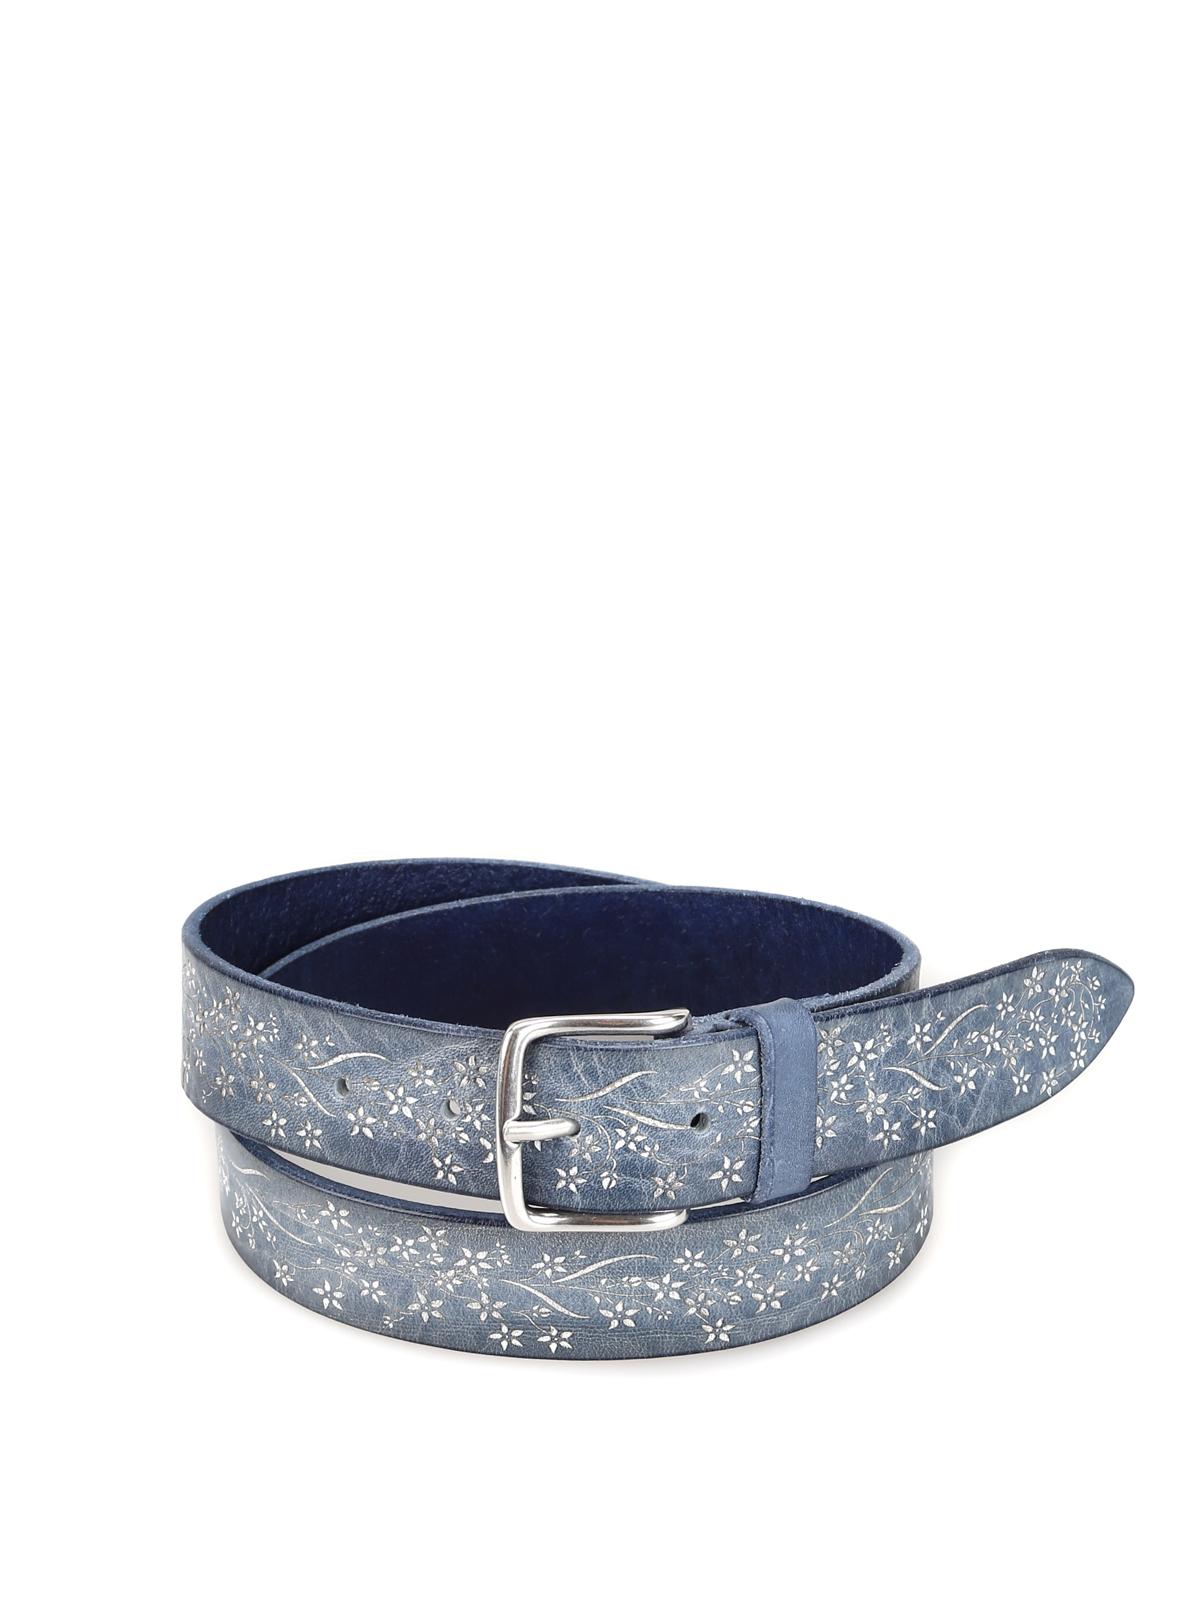 nuovo concetto f27a8 8d83f Orciani - Cintura in pelle blu con motivo a fiori - cinture ...